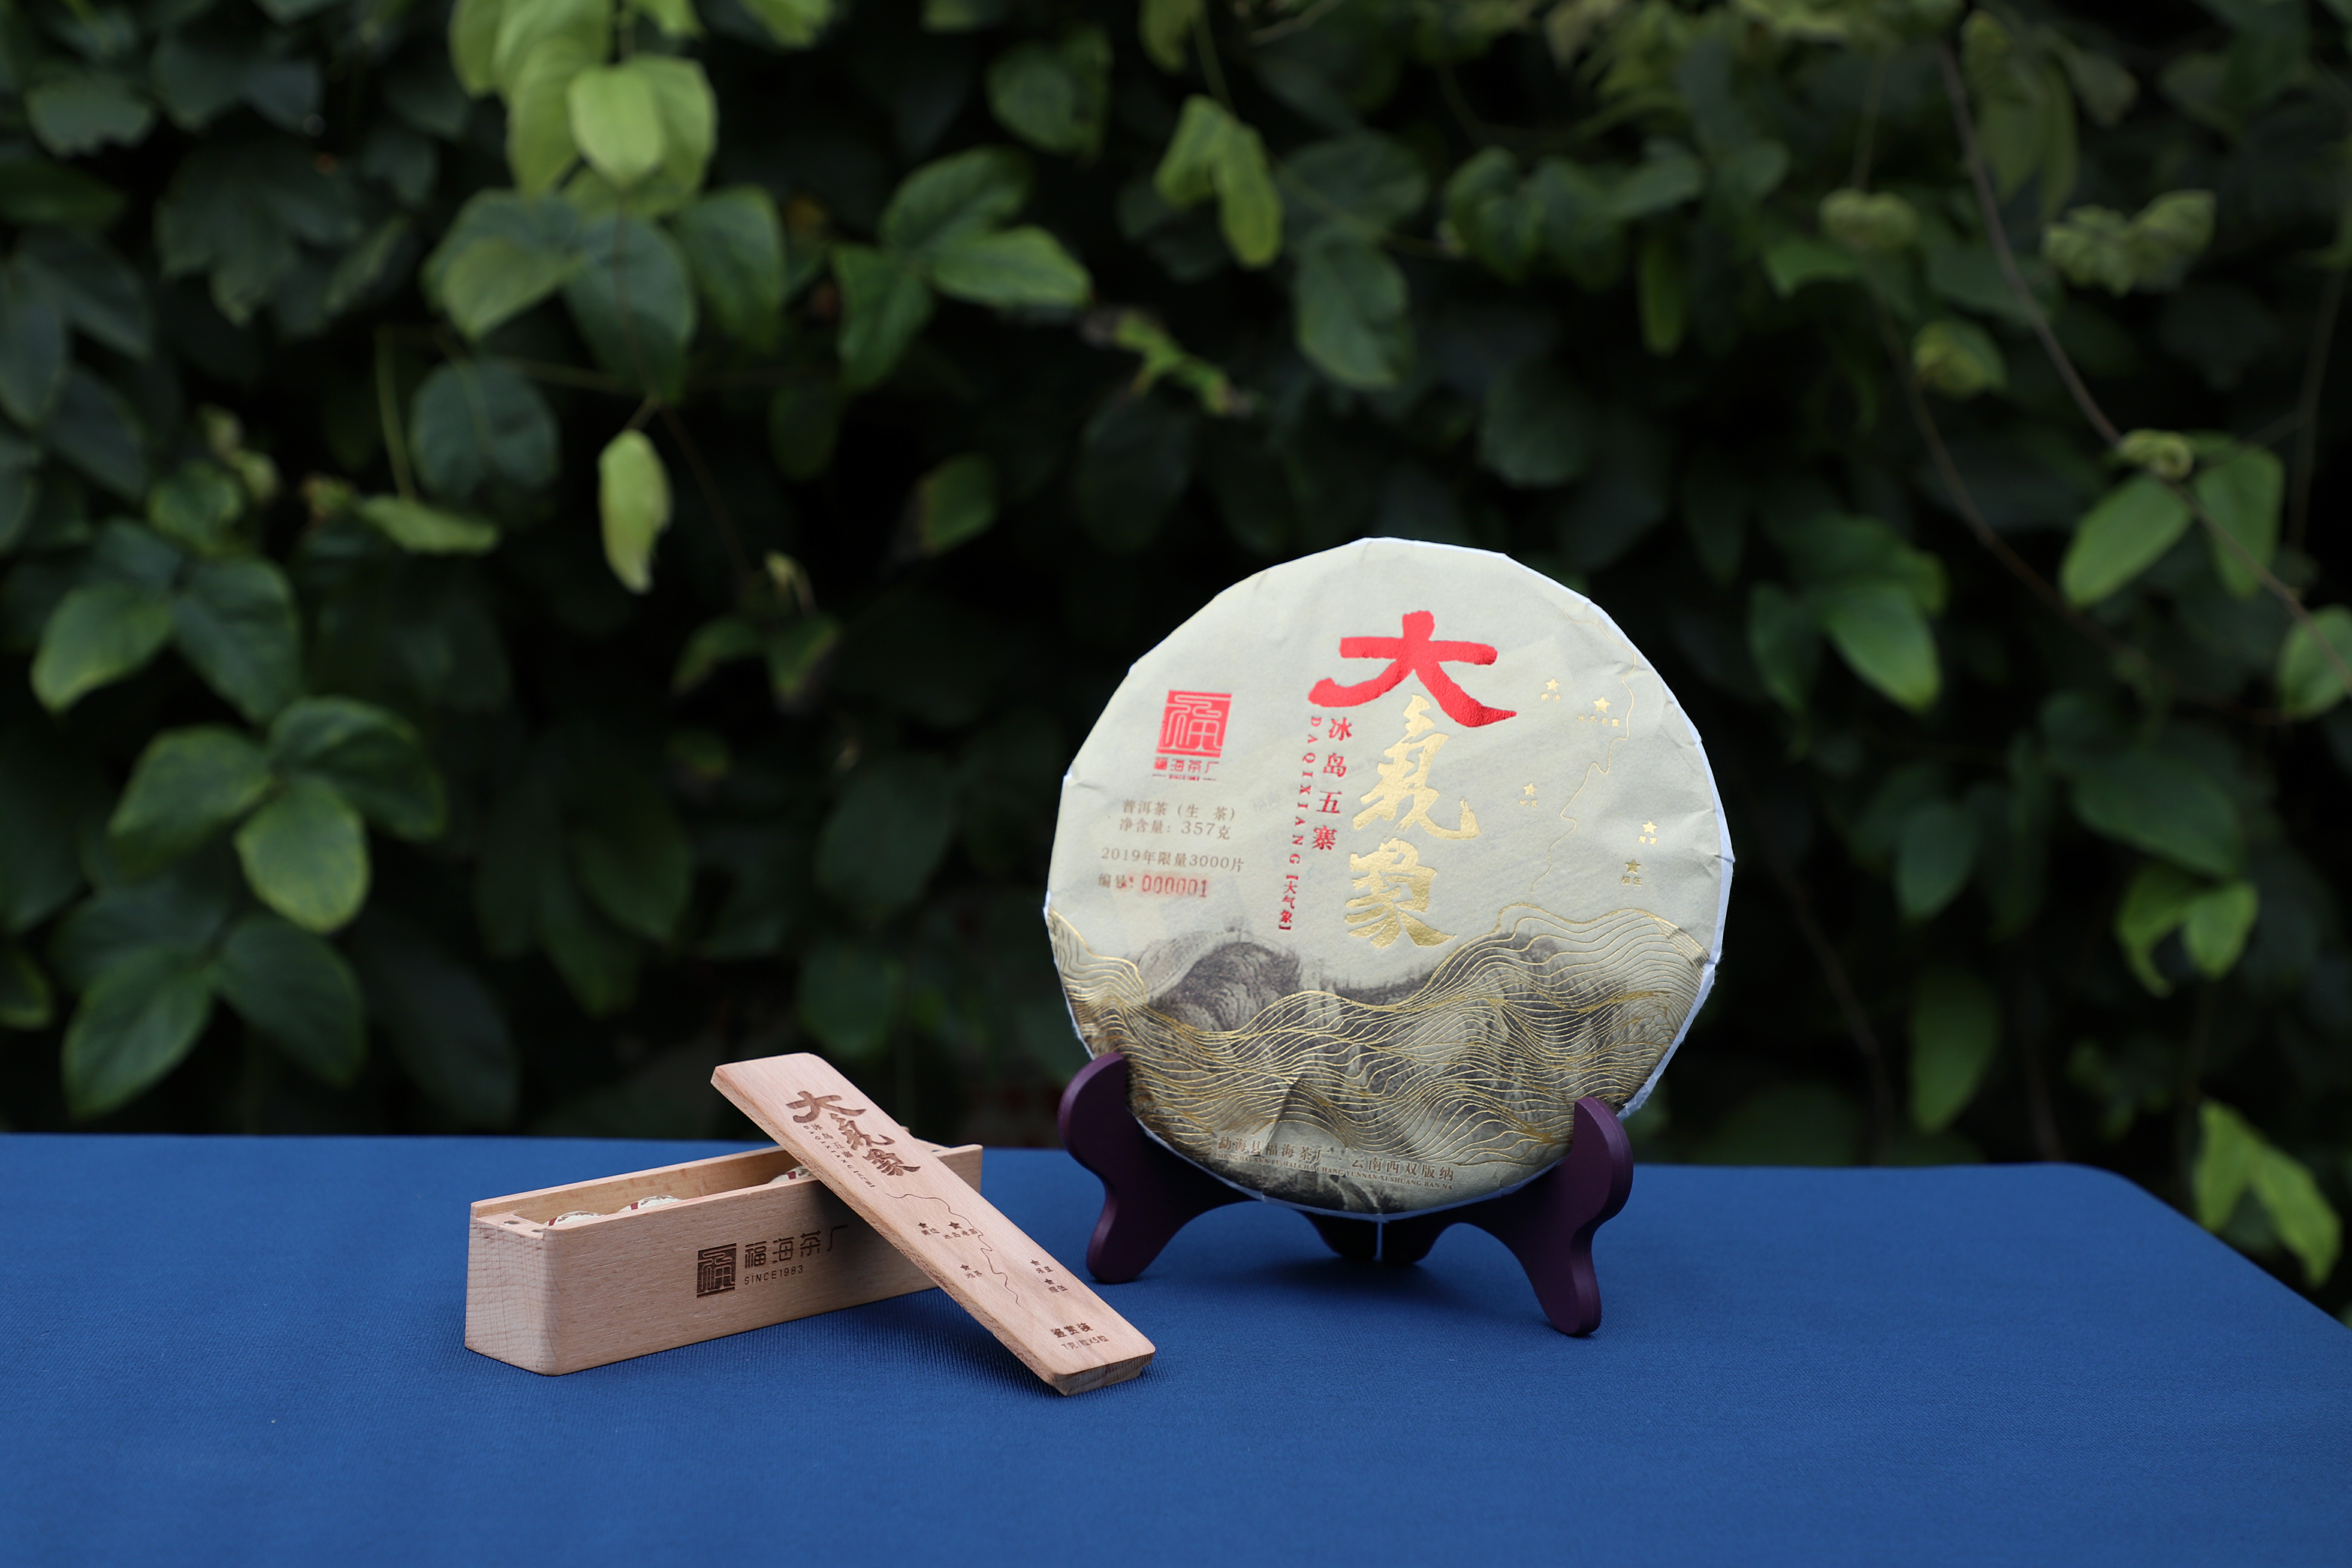 福海勐海县福海茶厂_企业视频 - 勐海县福海茶厂官方网站